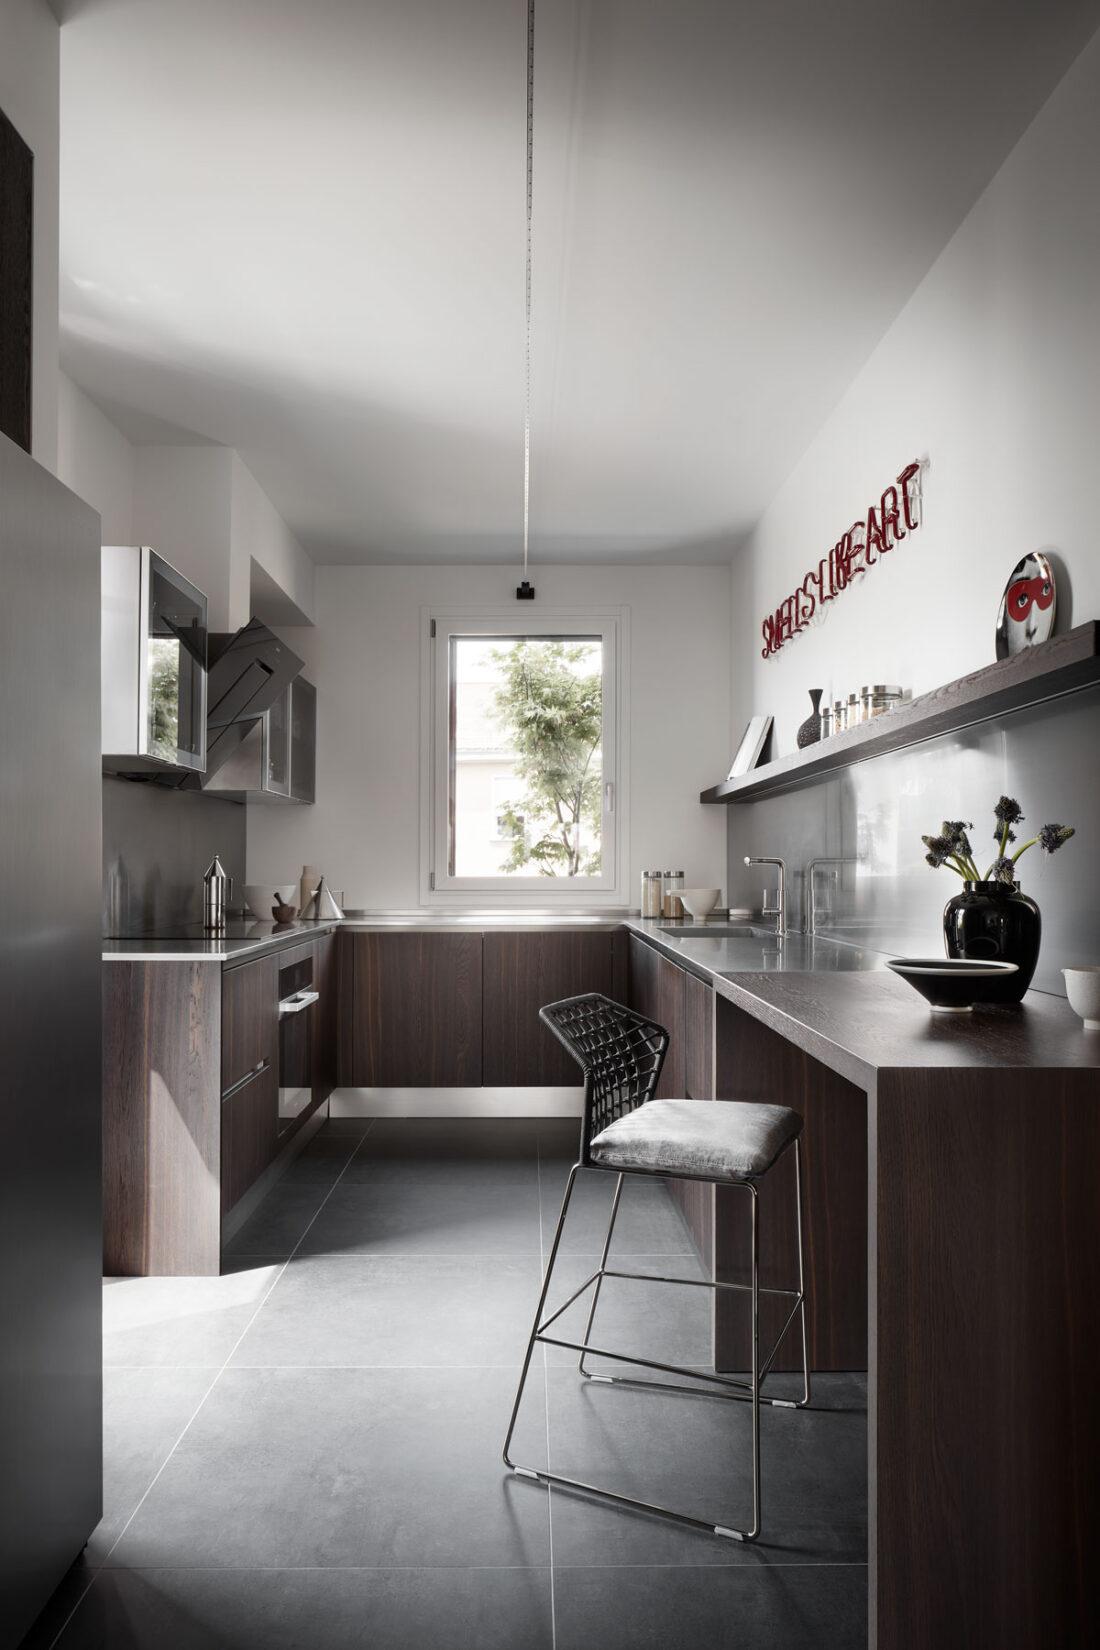 cucina moderna su misura in acciaio e legno scuro con elettrodomestici di lusso